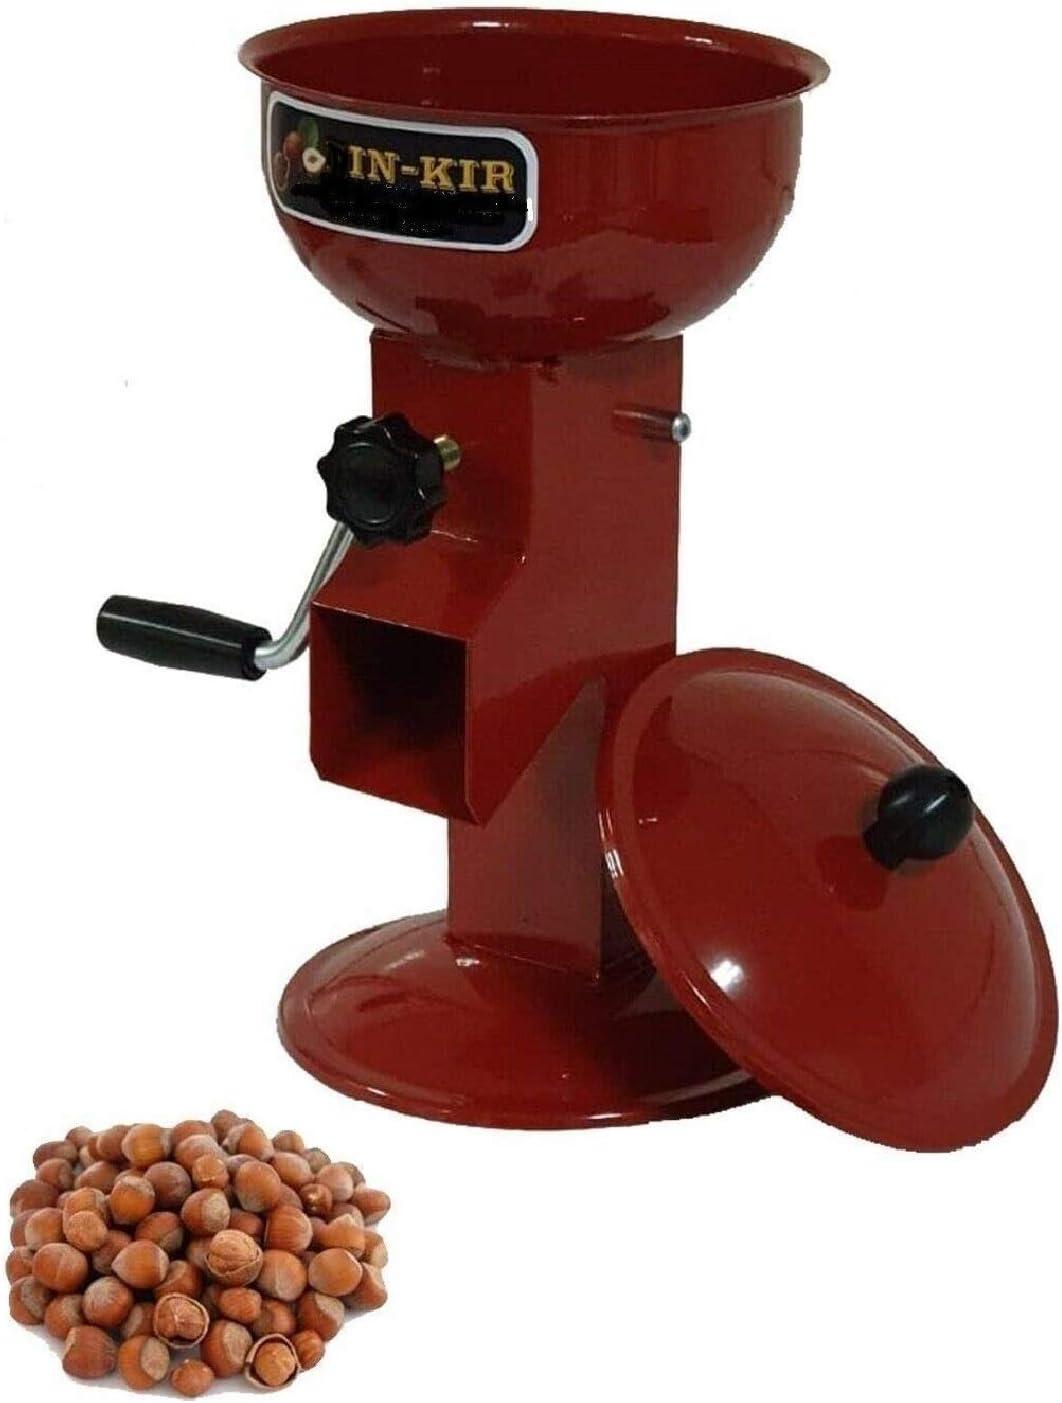 Metallo Pinza per Arachidi in Zinco Pressofuso per Noci e Noci Pecan Ledeak Pinza per Schiaccianoci Noci Cracker con Forchette in Acciaio Inossidabile Frutti di Mare